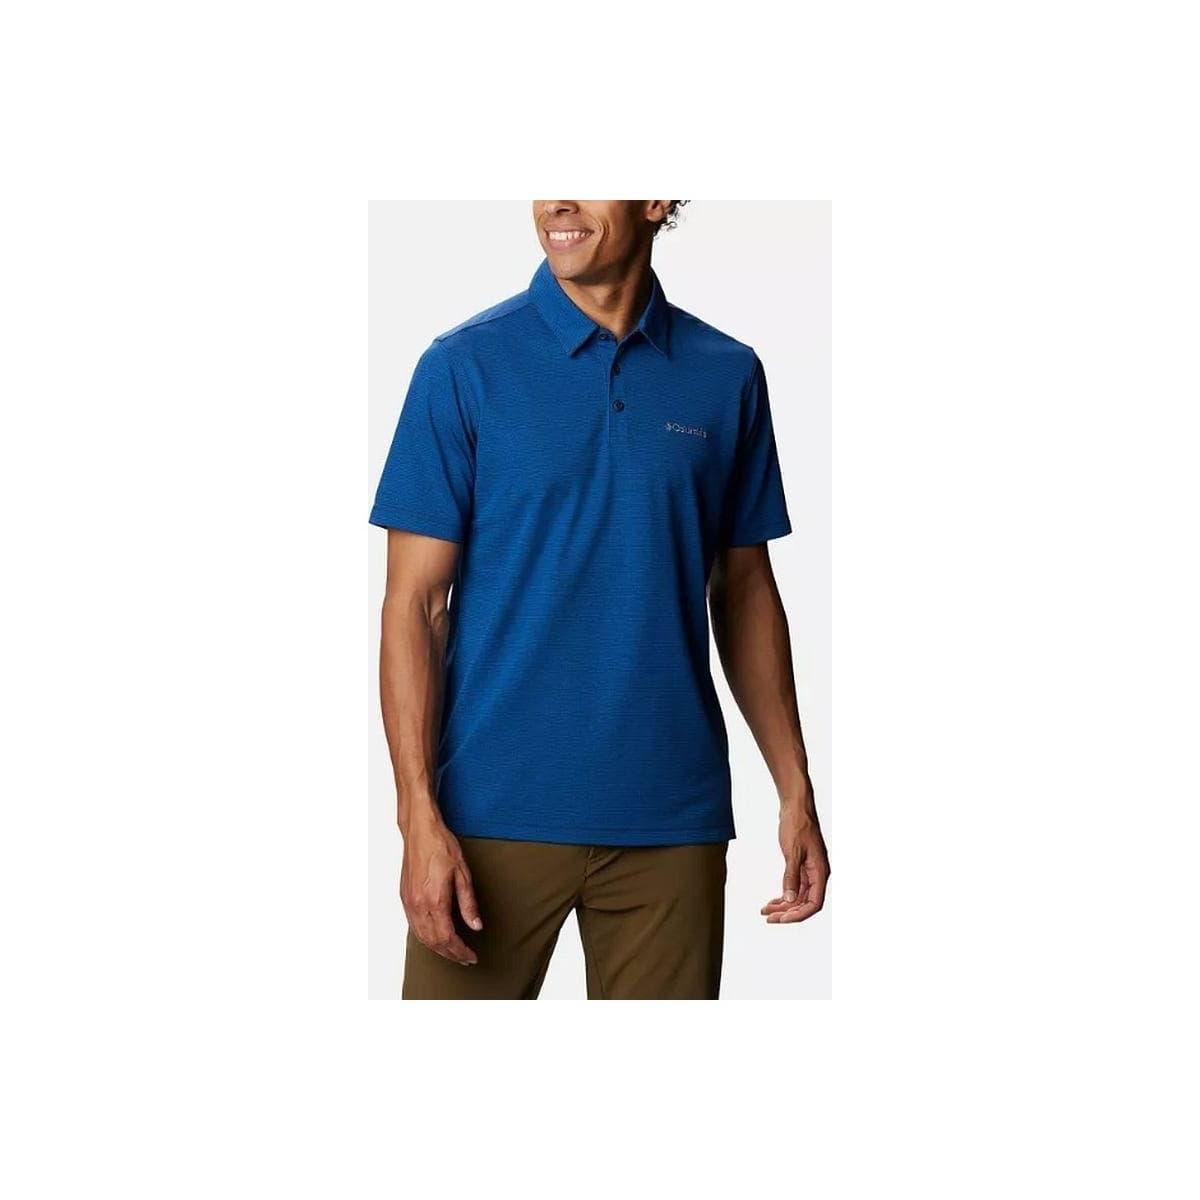 Havercamp Pique Erkek Mavi Polo Tişört (AM2996_464)